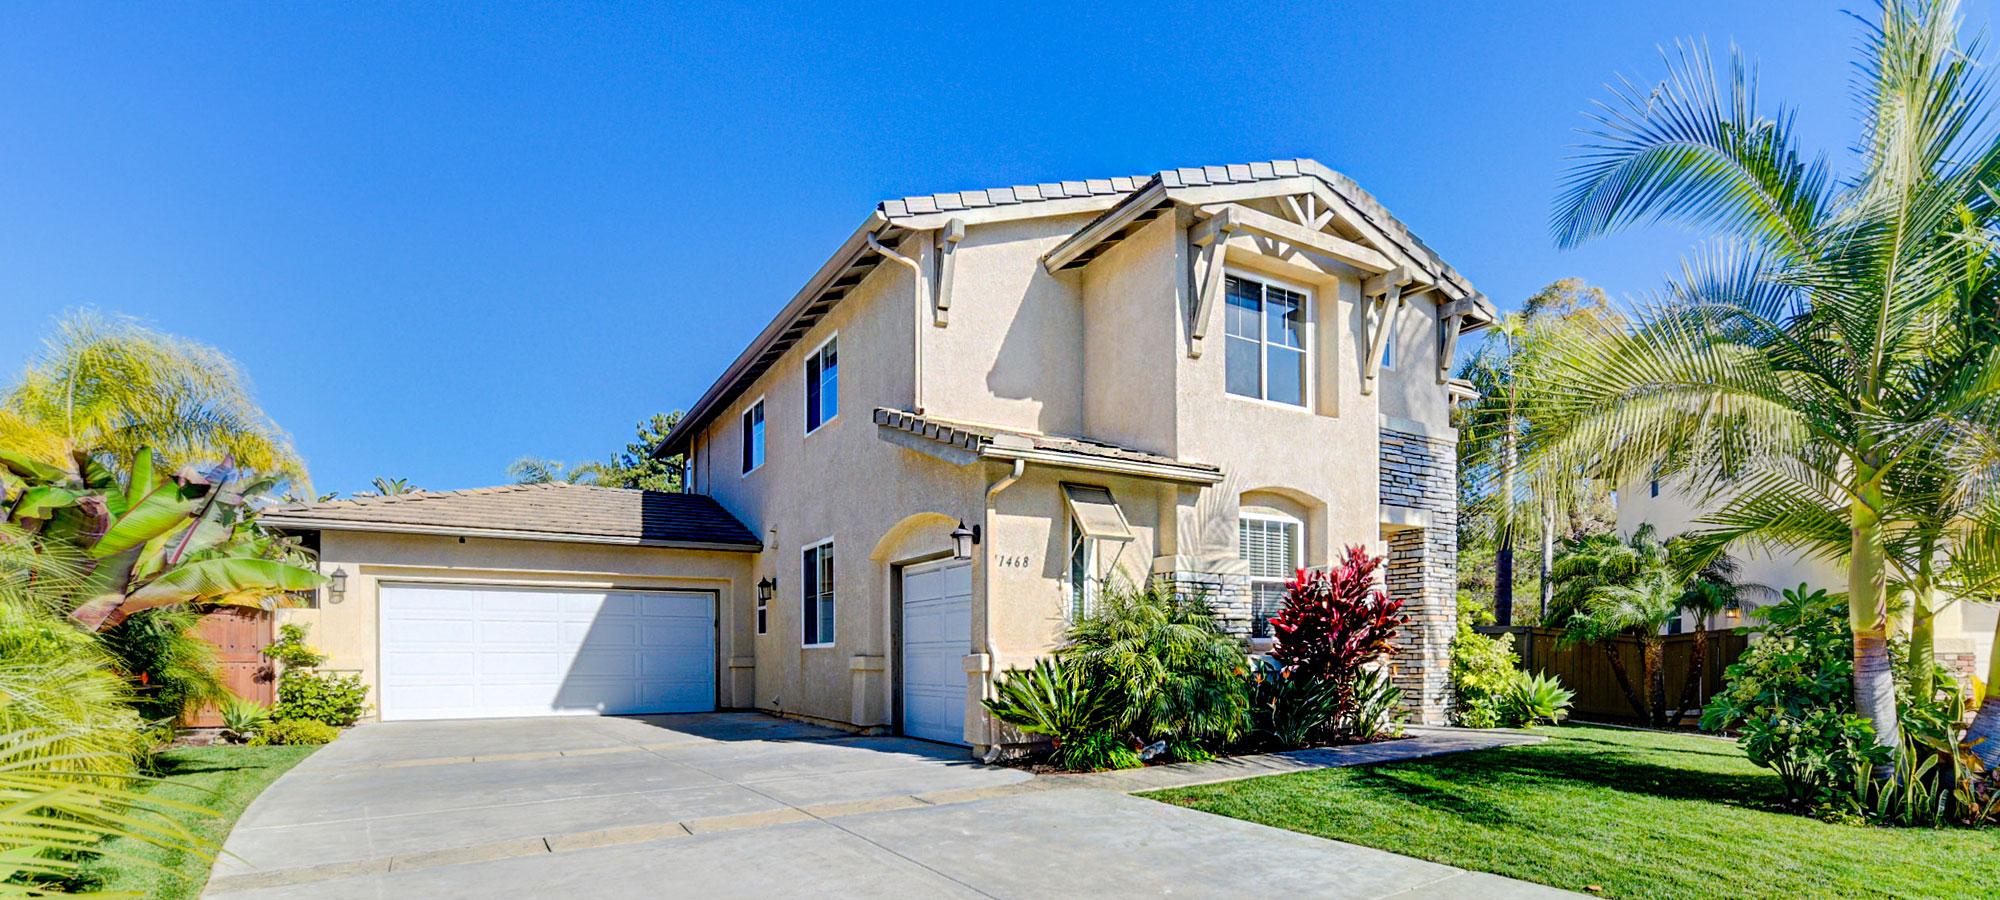 11468 Heartwood Way San Diego, CA 92131